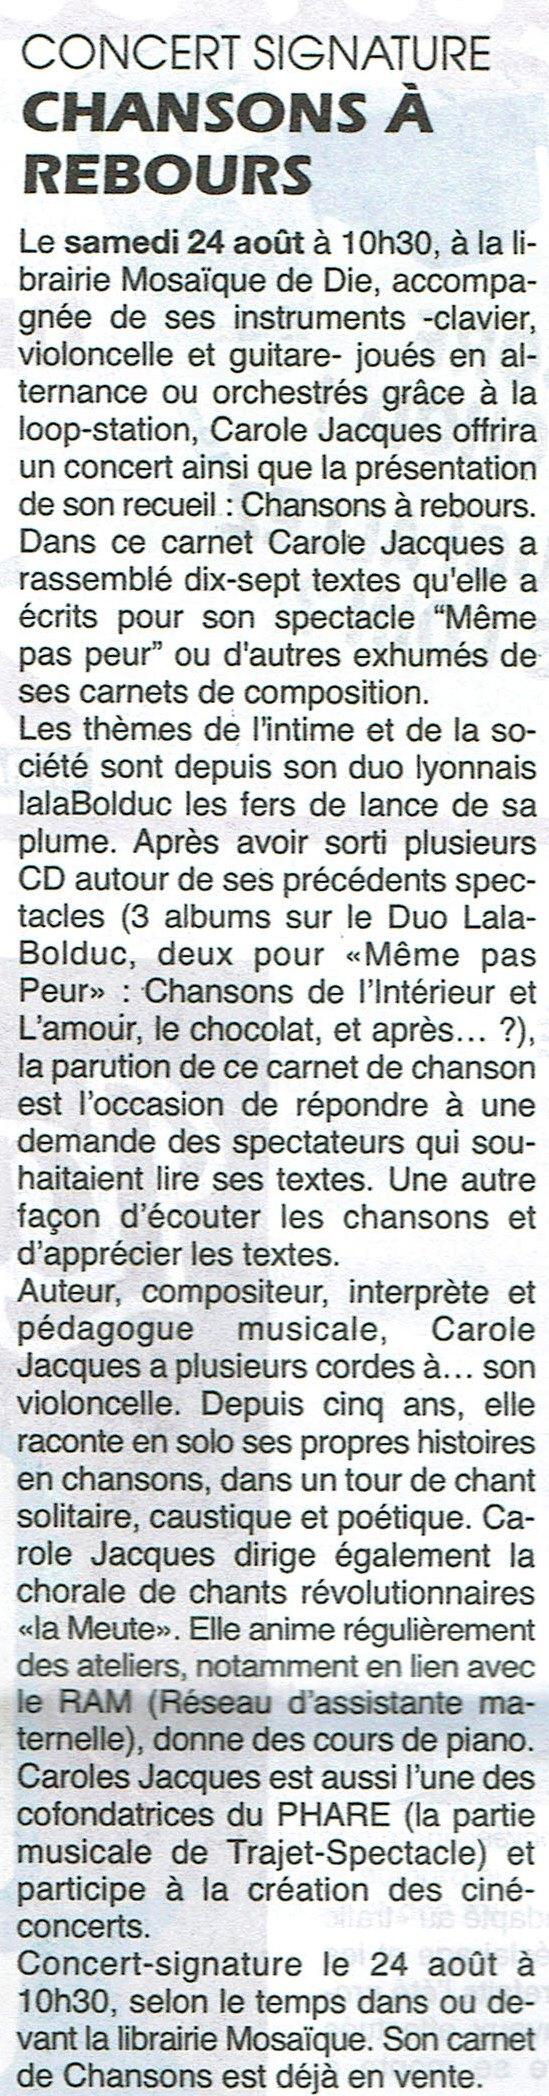 article_JDD_Chansons_à_rebours